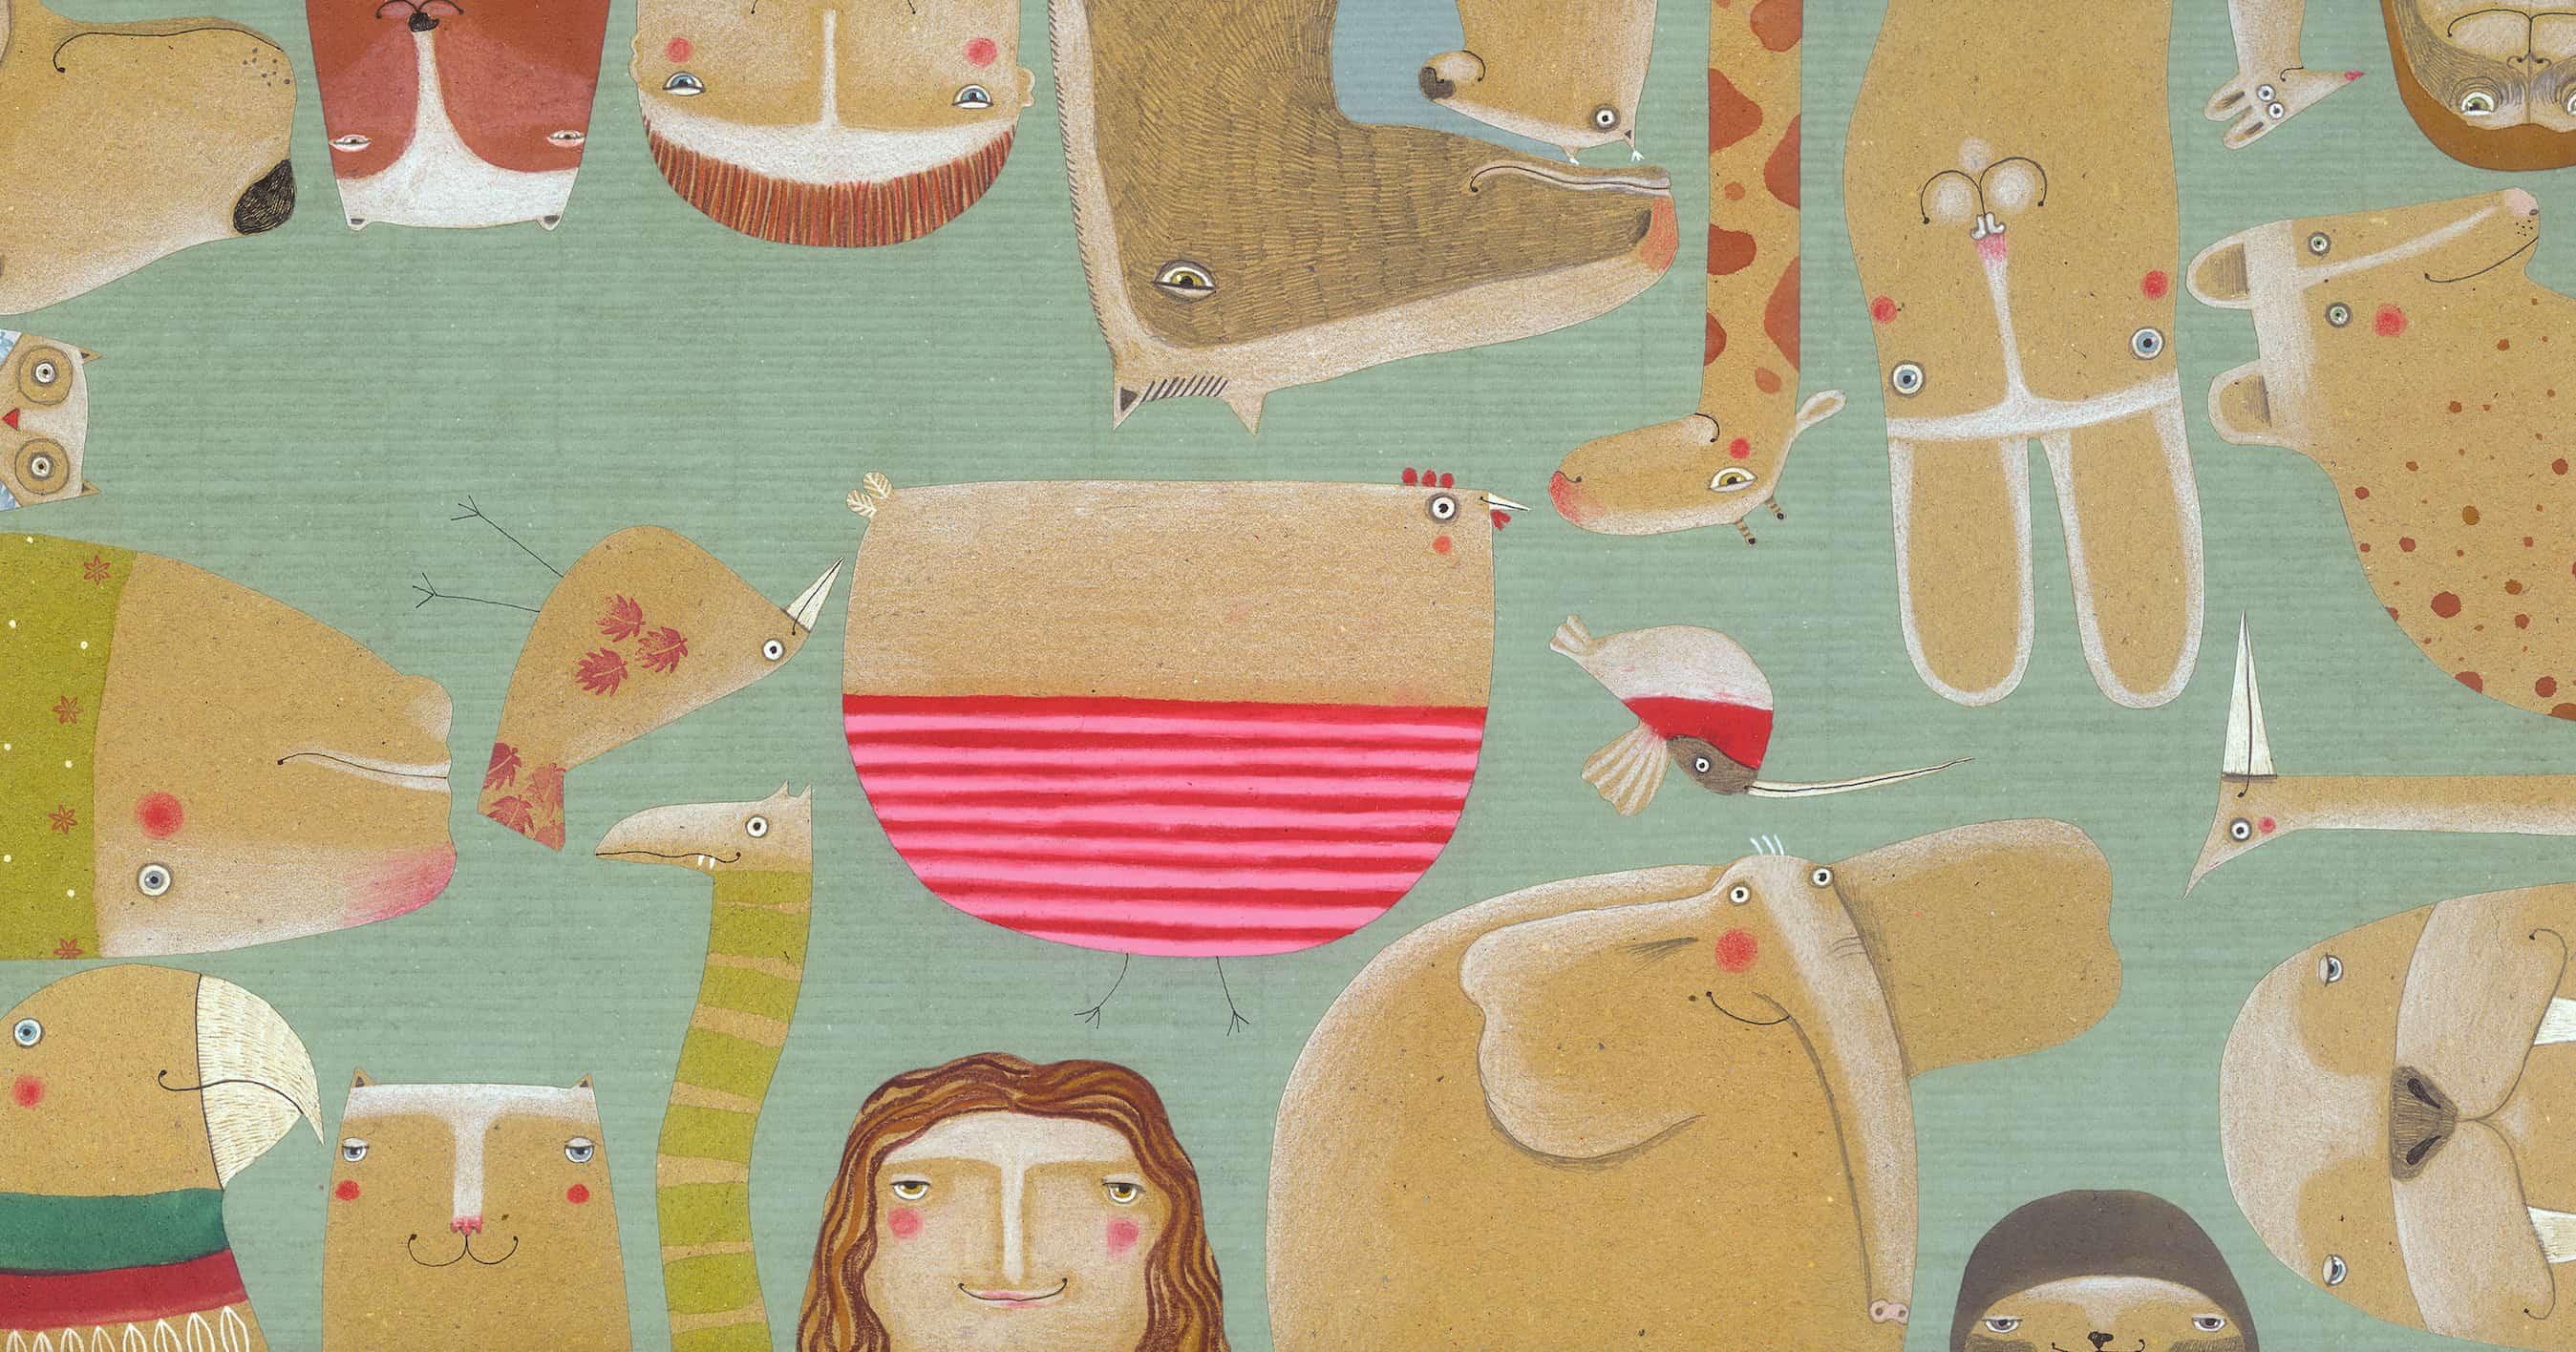 Arianna Papinivince il Premio Andersen comeMiglior illustratore 2018. Illustrazione da È una parola, Kalandraka